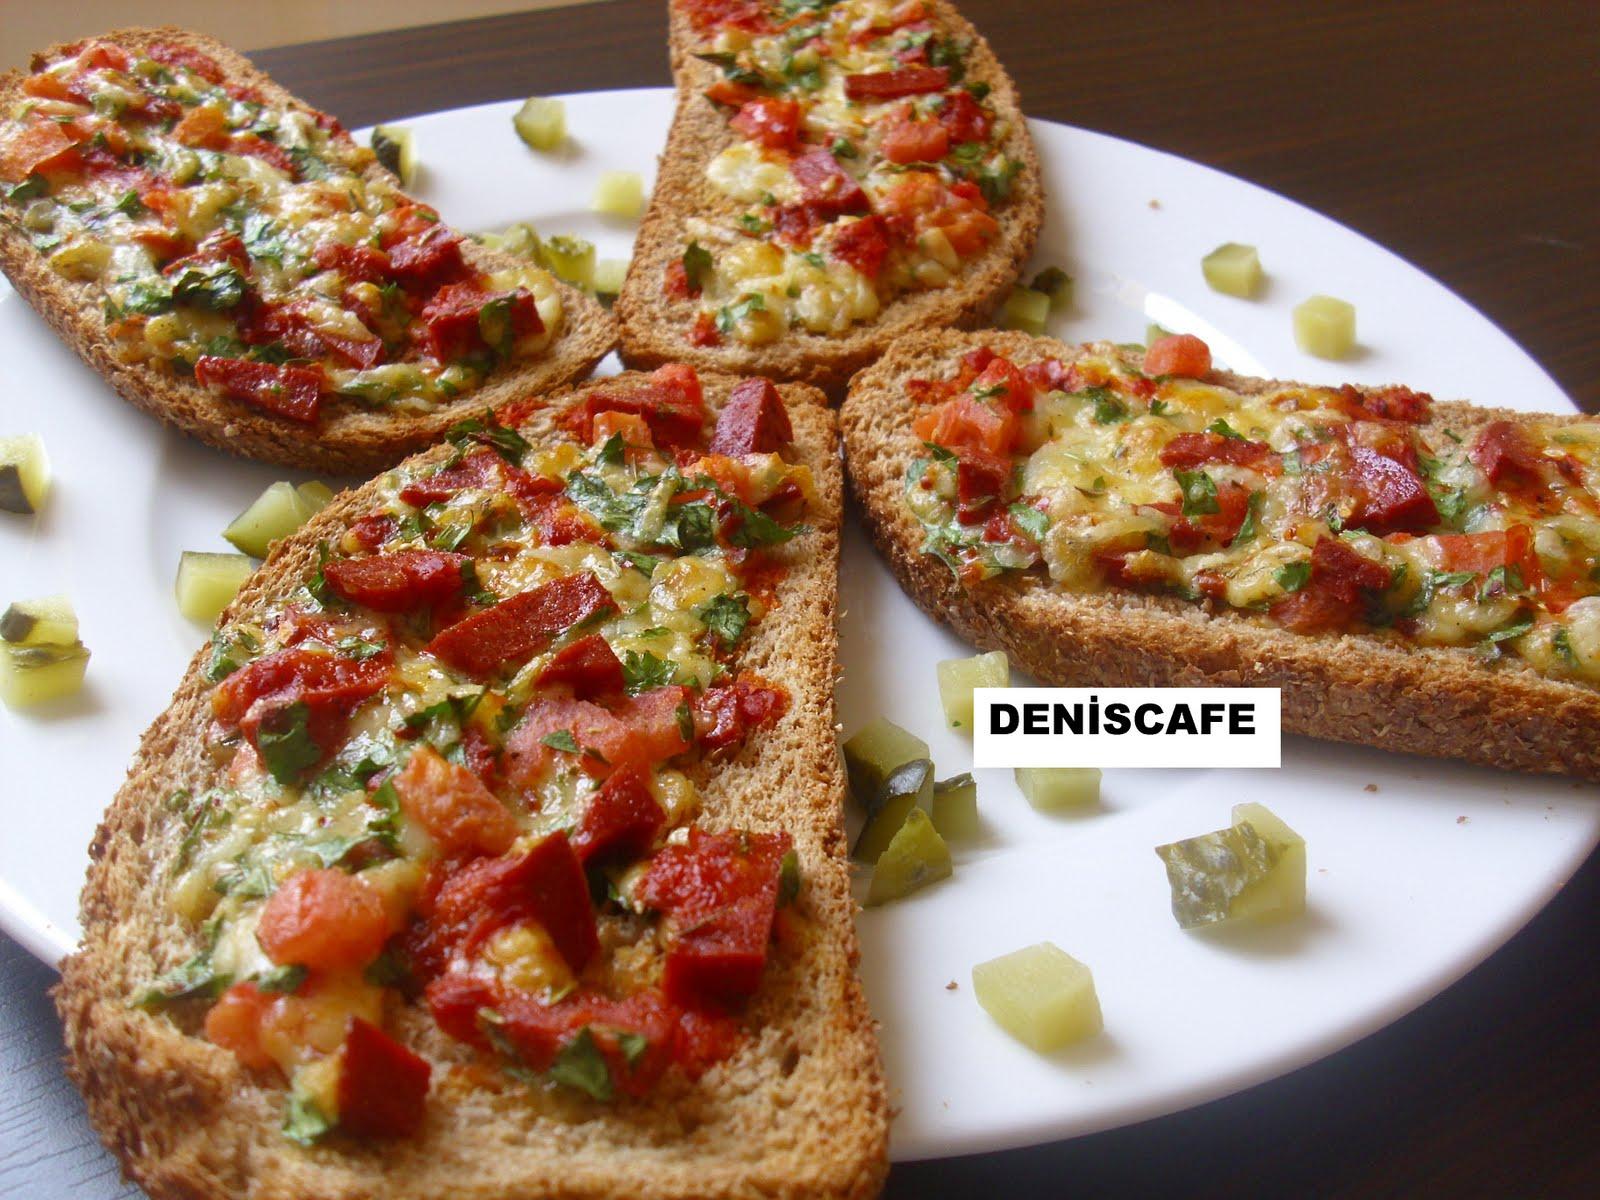 Deniscafe Kolay Ekmek Pizzasi